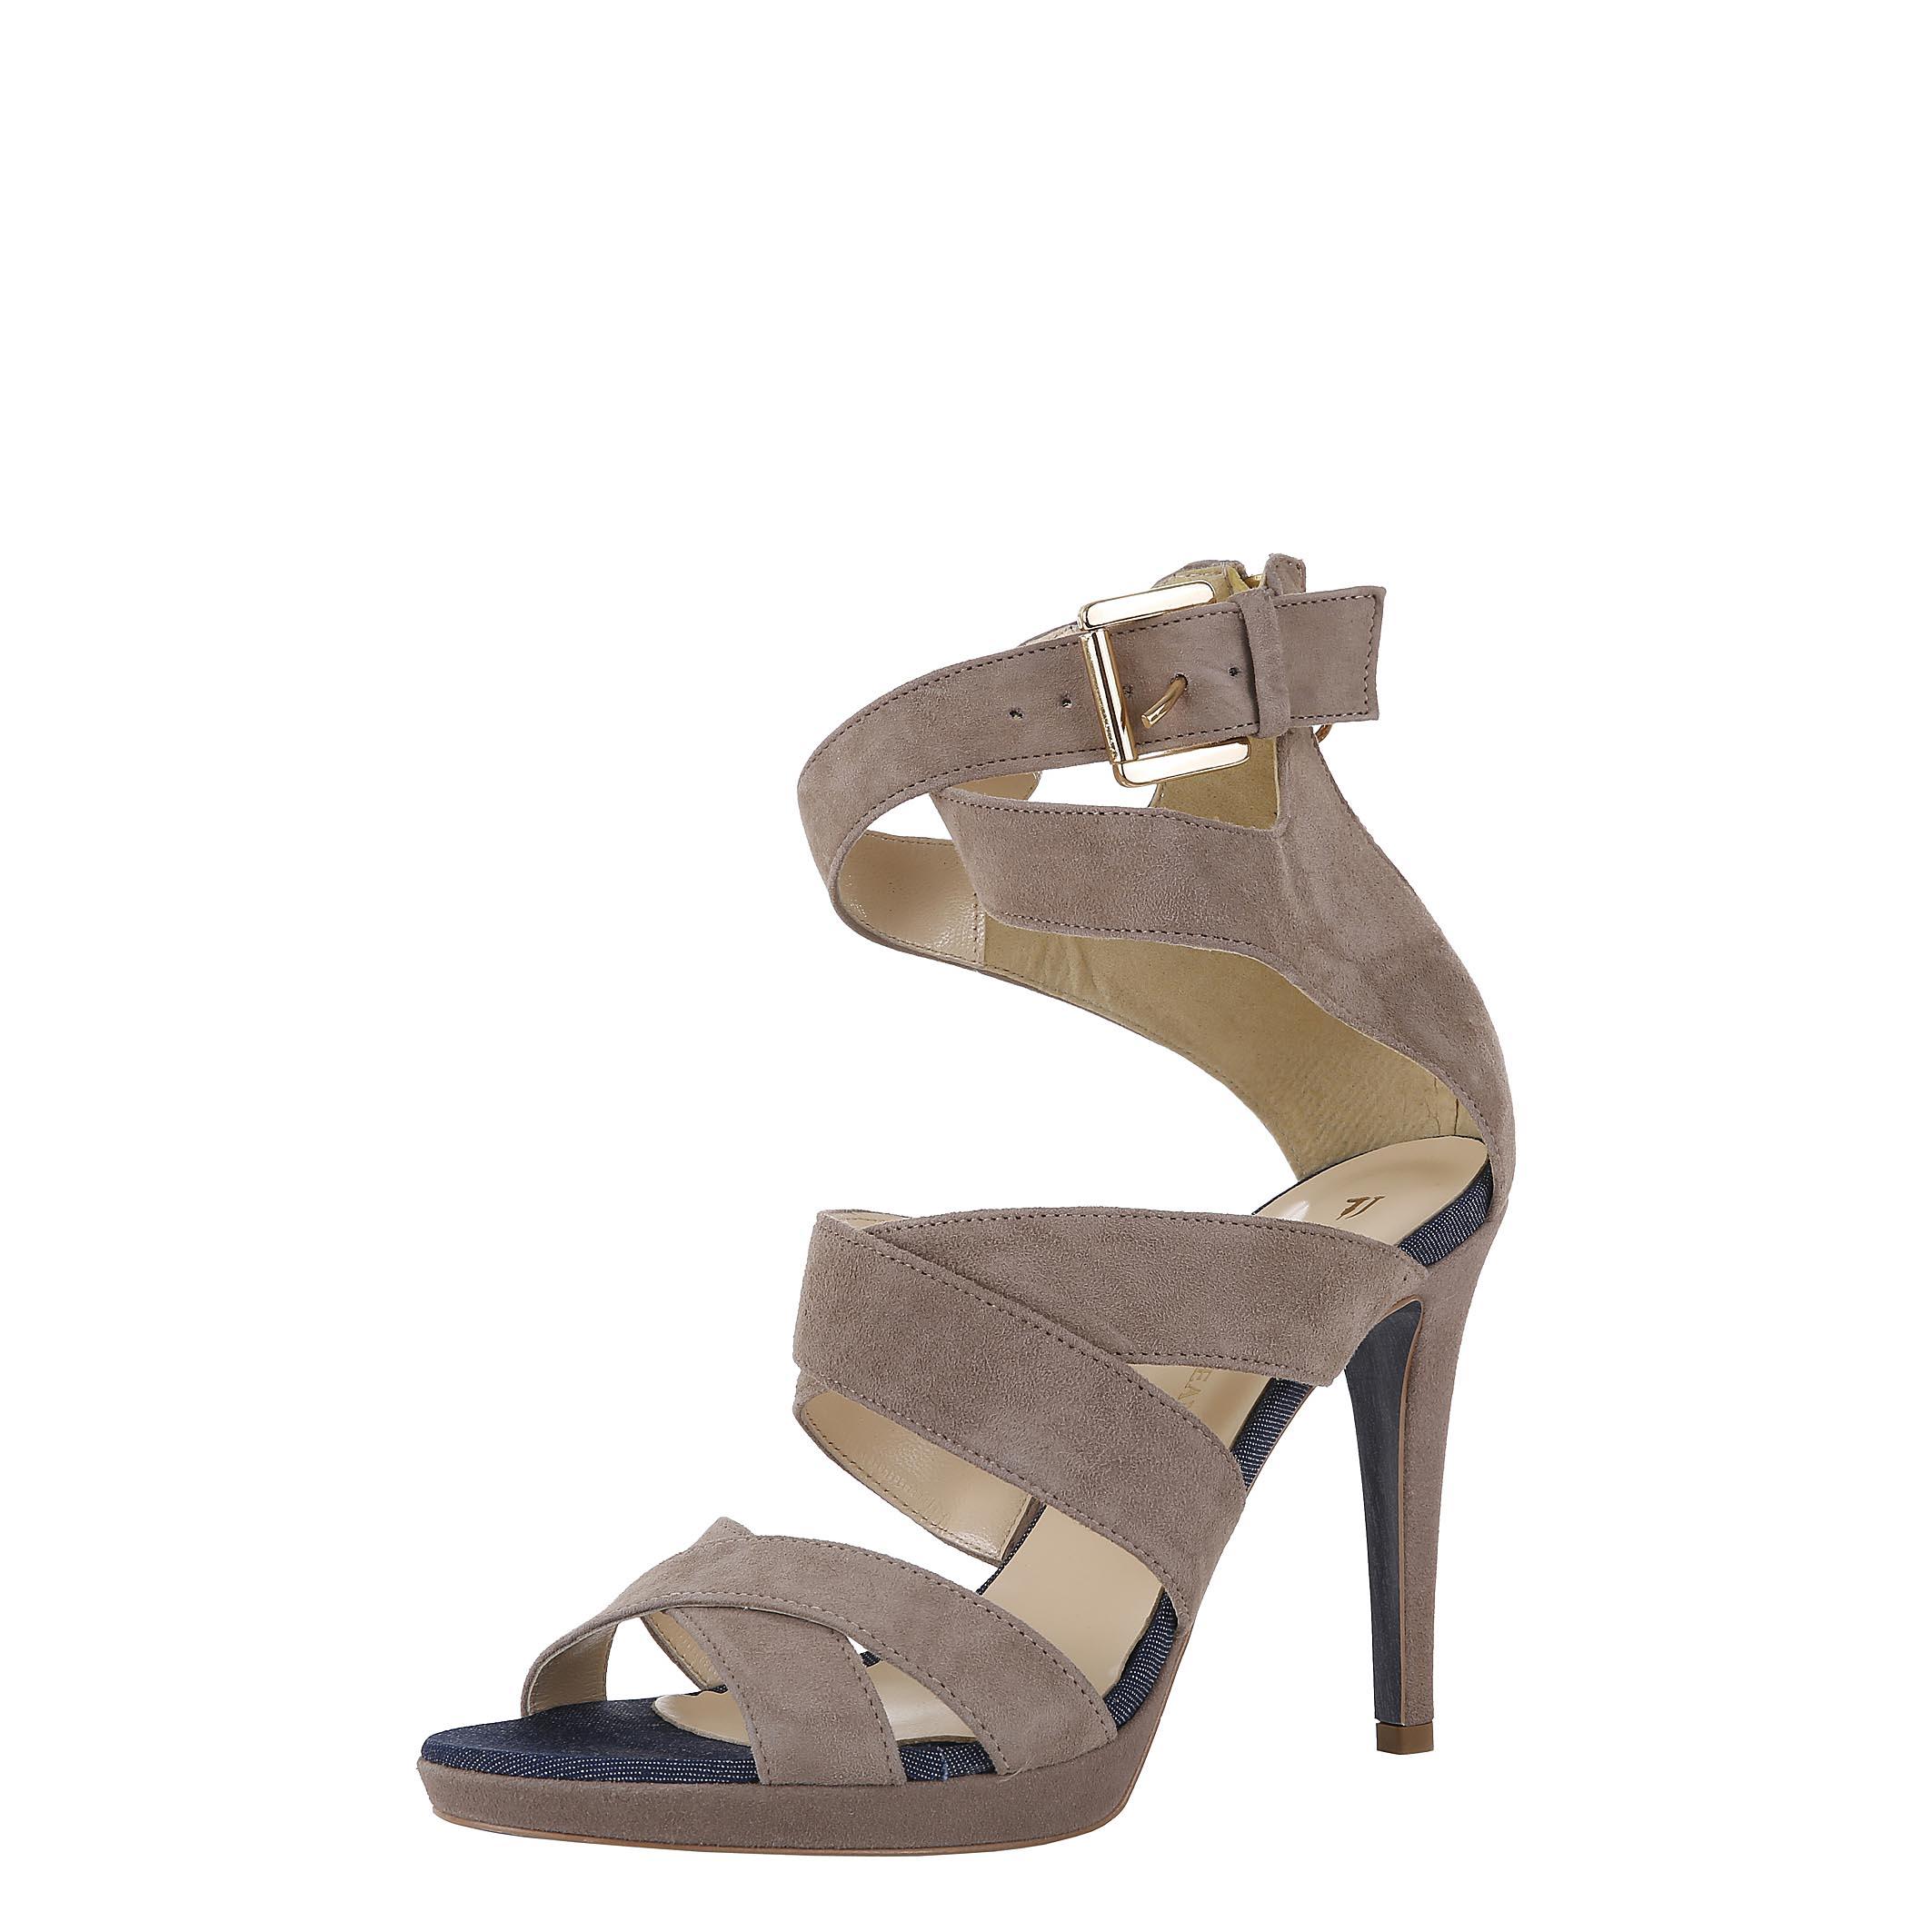 Chaussures  Trussardi 79S003 brown